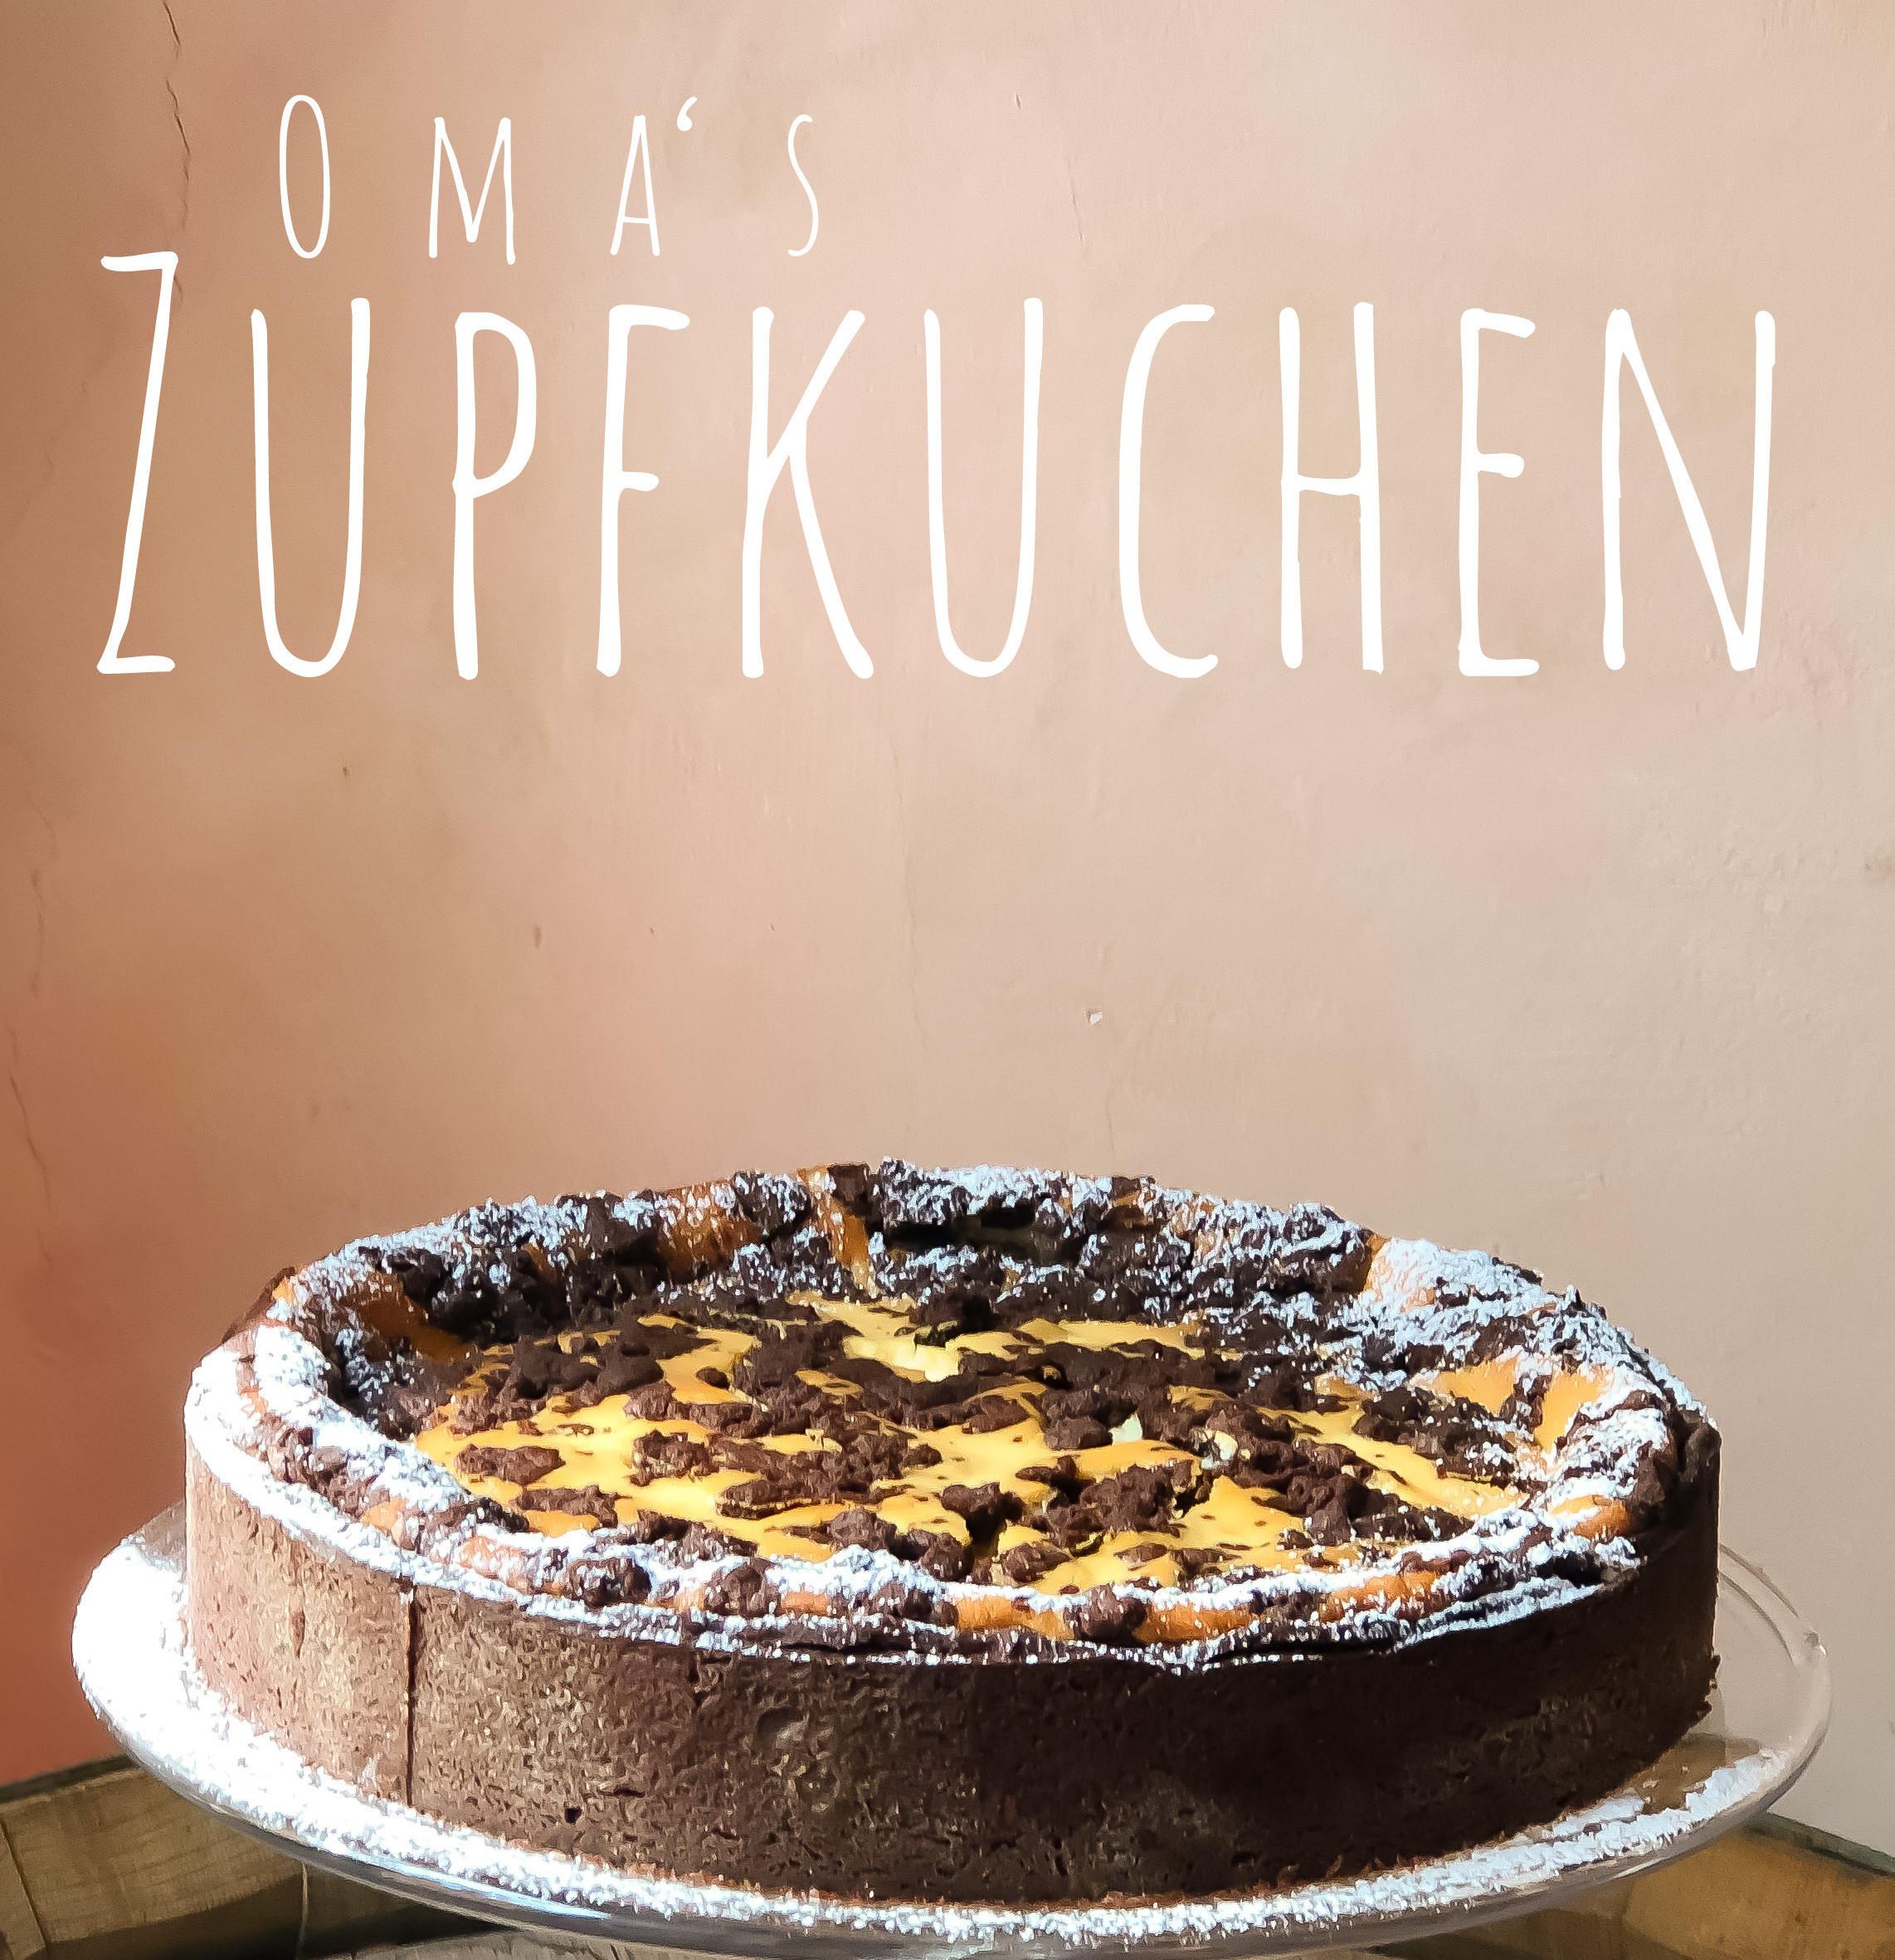 11. Oma's Zupfkuchen